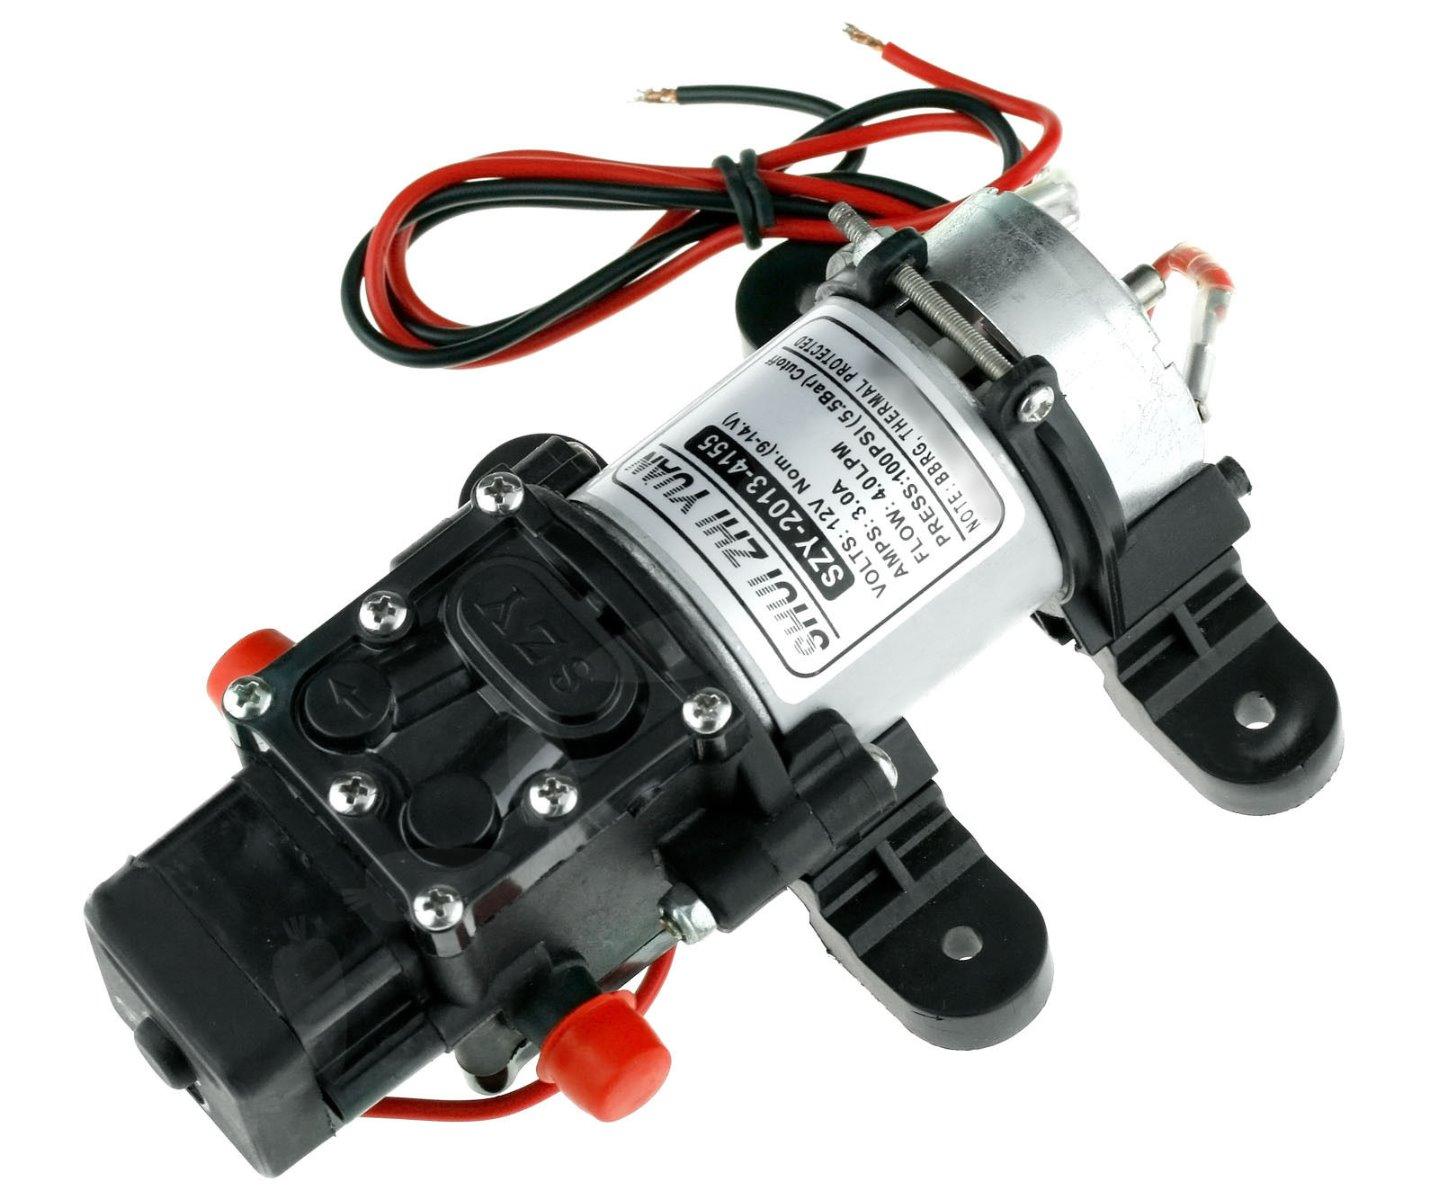 Water Pump: High Pressure Water Pump